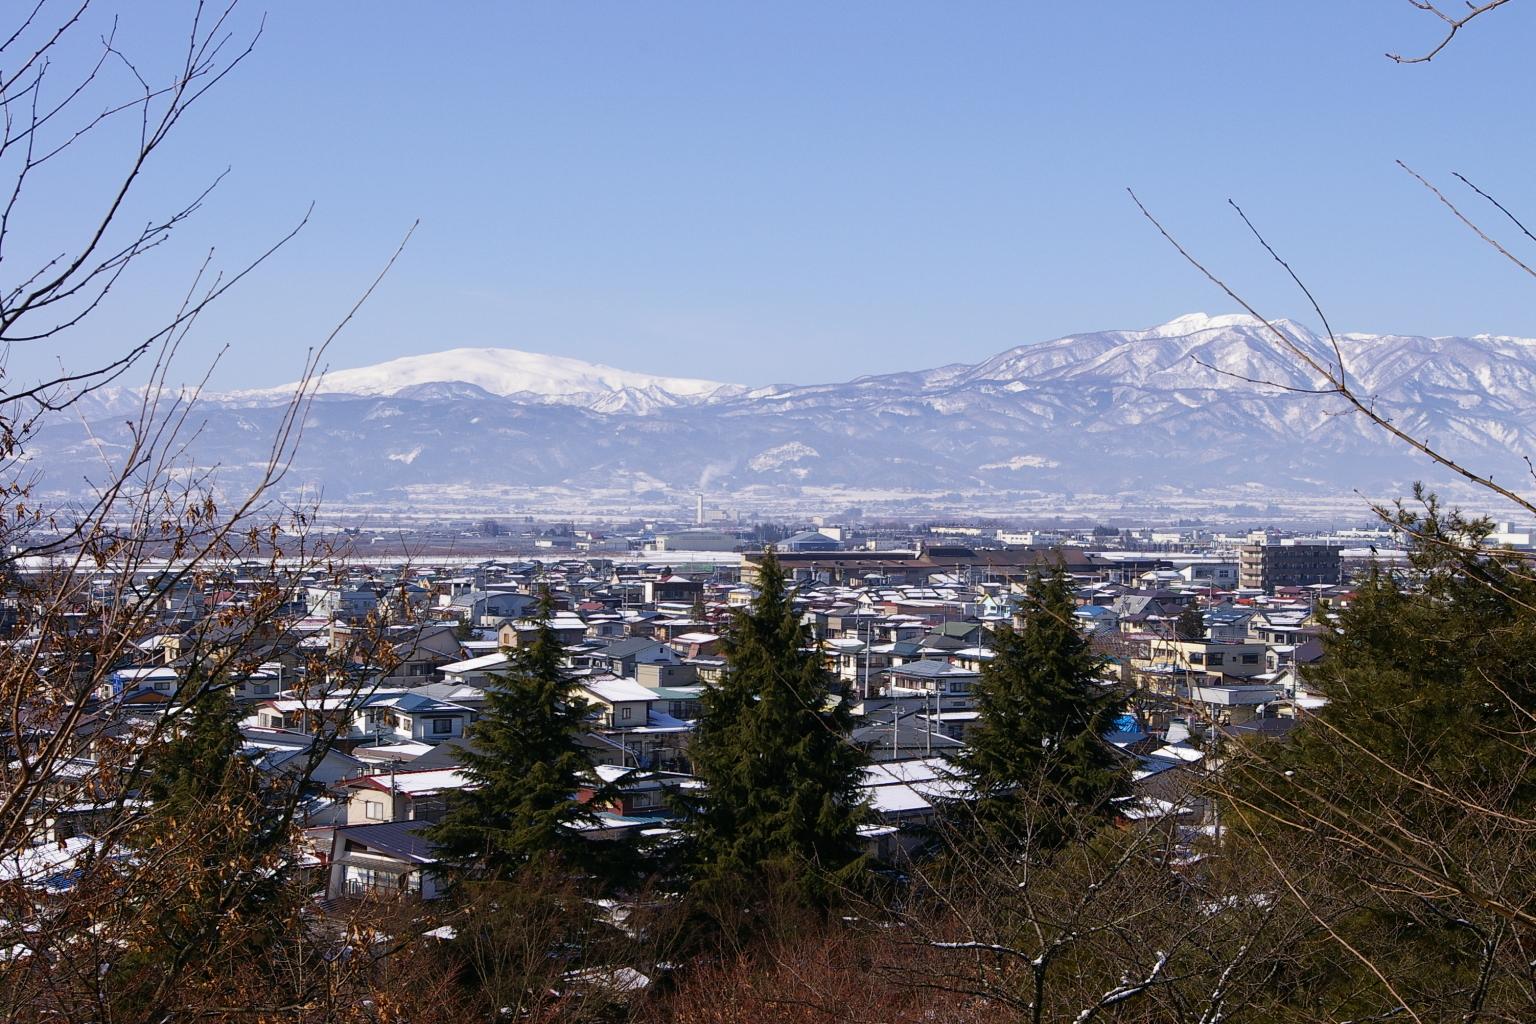 月山と葉山連邦の眺めです。